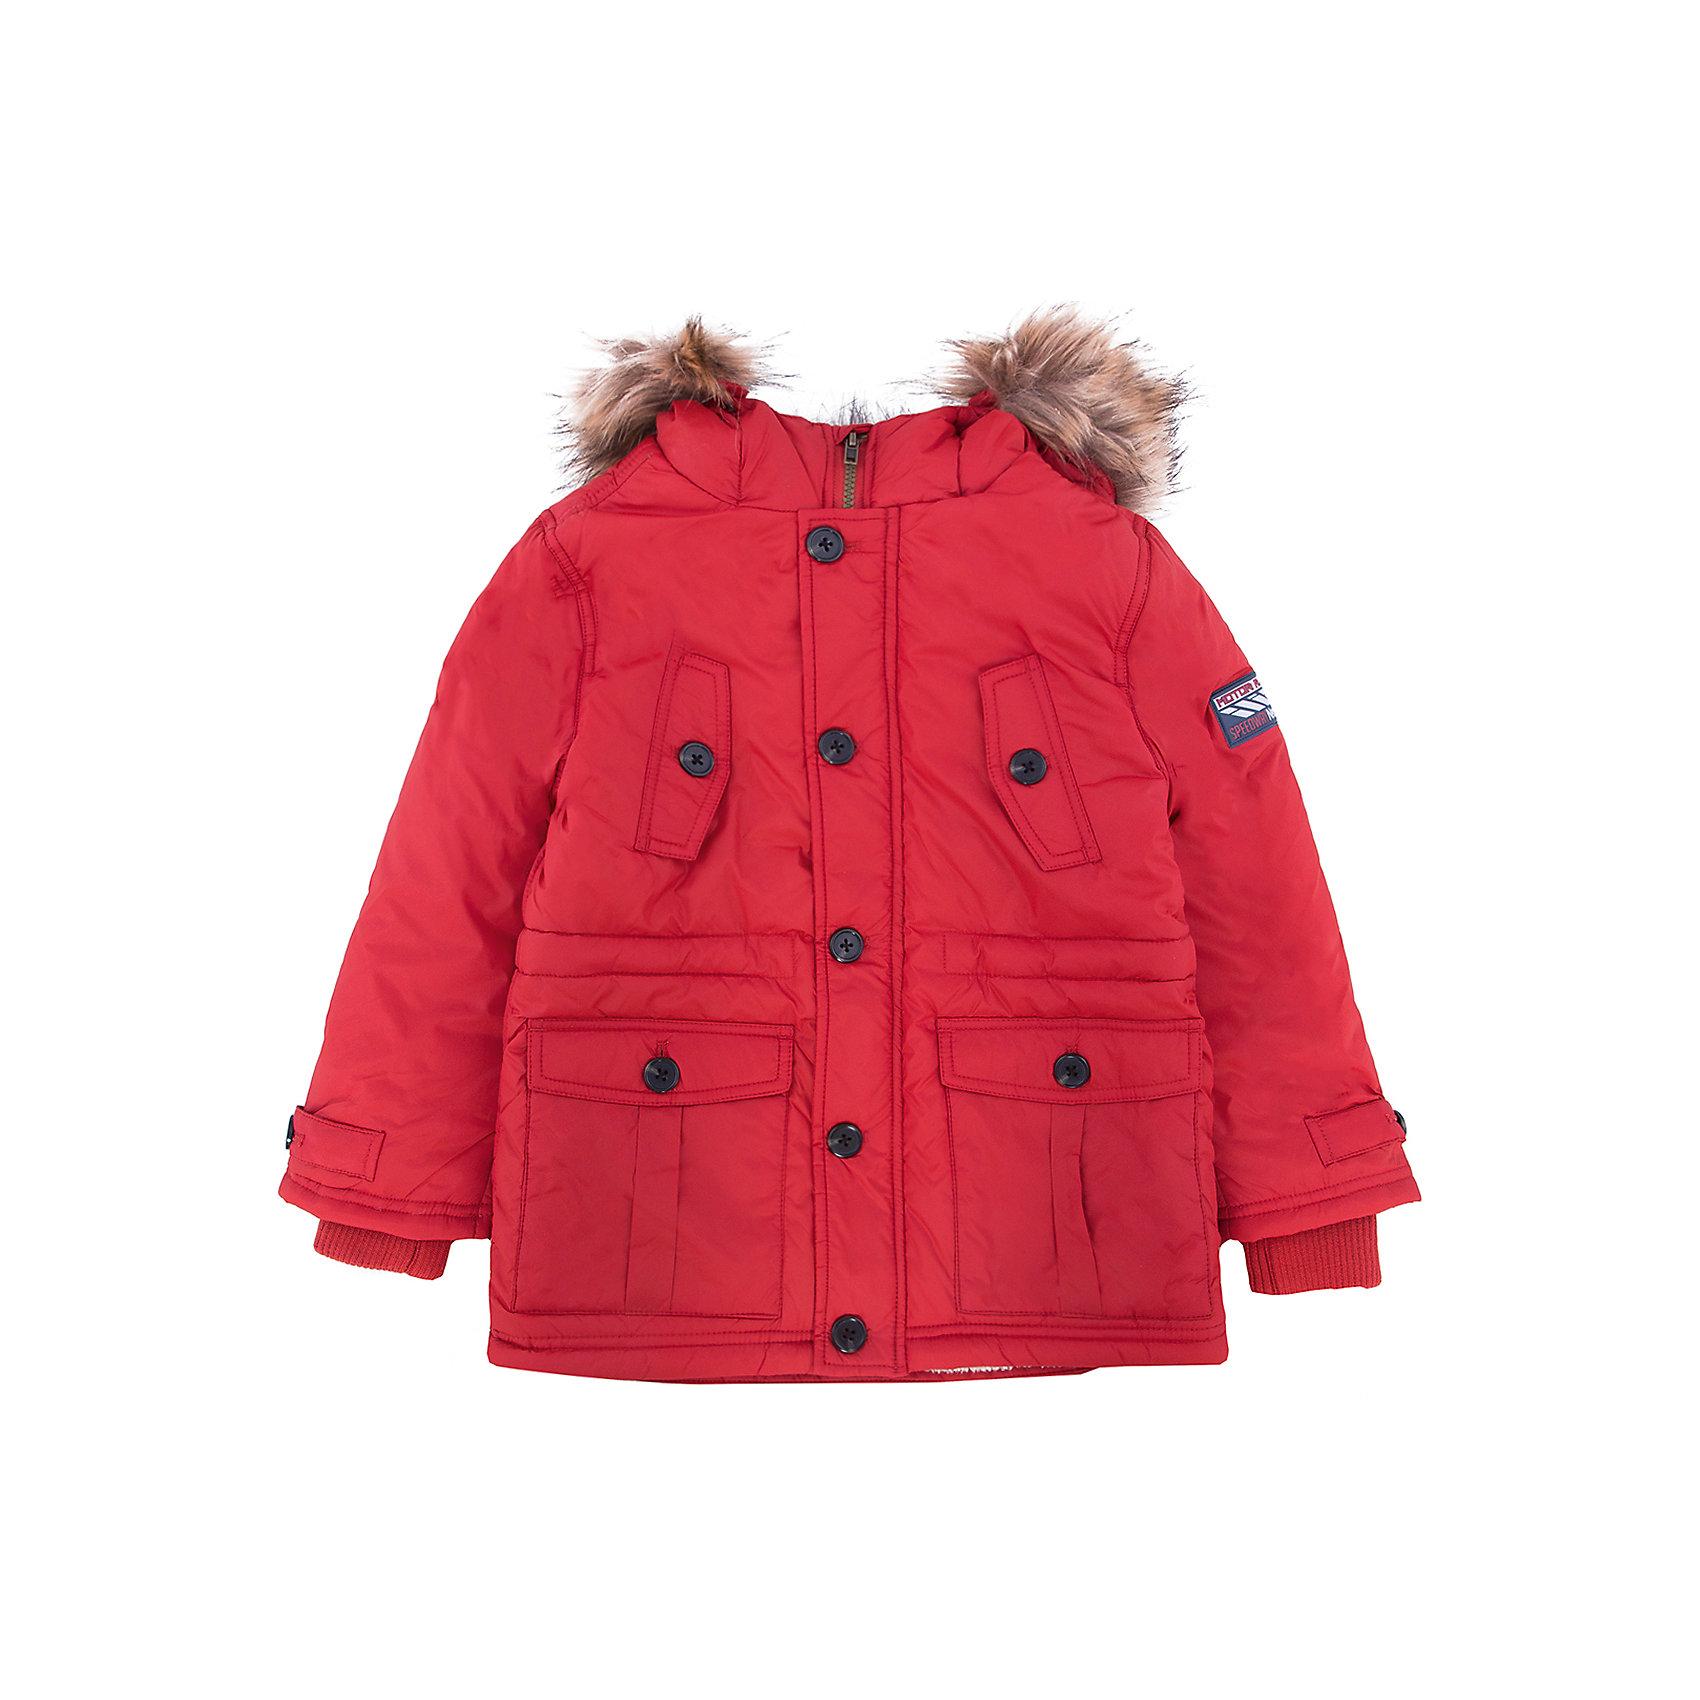 Куртка для мальчика SELAДетская одежда от SELA - это качество и отличные цены. Куртка для мальчика из новой коллекции подготовит гардероб ребенка к осенним холодам. Цветовое решение куртки не оставит равнодушным никого.  Модель не только стильная, но и функциональная.  У куртки две пары карманов и резинка на рукавах, которая защитит руки от ветра.<br>Все материалы, использованные в создании изделия,  отвечают современным требованиям по качеству и безопасности продукции. <br><br>Дополнительная информация:<br><br>цвет: кирпичный;<br>состав: подкладка - 100% нейлон, подкладка (рукава) - 100% ПЭ, утеплитель - 100% ПЭ, мех -  100% ПЭ;<br>длина до середины бедра;<br>силуэт прямой;<br>капюшон притачной.<br><br>Куртку для мальчика от компании SELA можно купить в нашем магазине.<br><br>Ширина мм: 356<br>Глубина мм: 10<br>Высота мм: 245<br>Вес г: 519<br>Цвет: красный<br>Возраст от месяцев: 36<br>Возраст до месяцев: 48<br>Пол: Мужской<br>Возраст: Детский<br>Размер: 104,98,116,110<br>SKU: 4912974